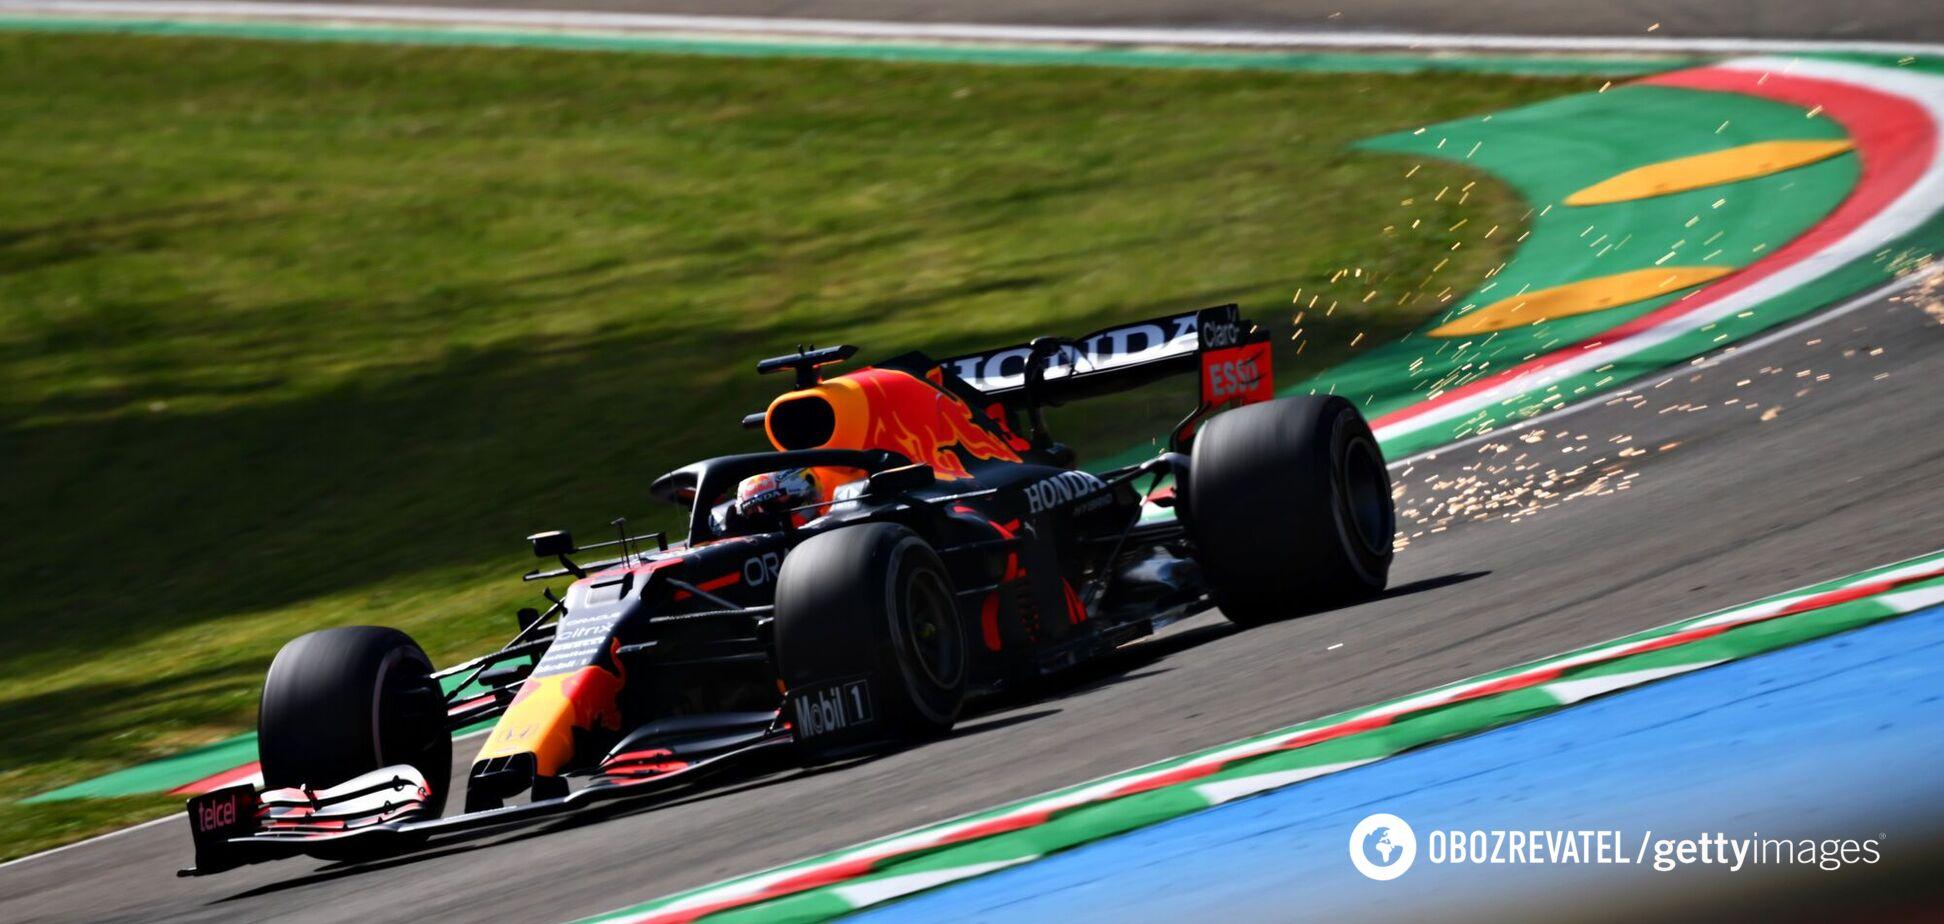 Де дивитися Гран-прі Емілії-Романьї: розклад трансляцій Формули-1